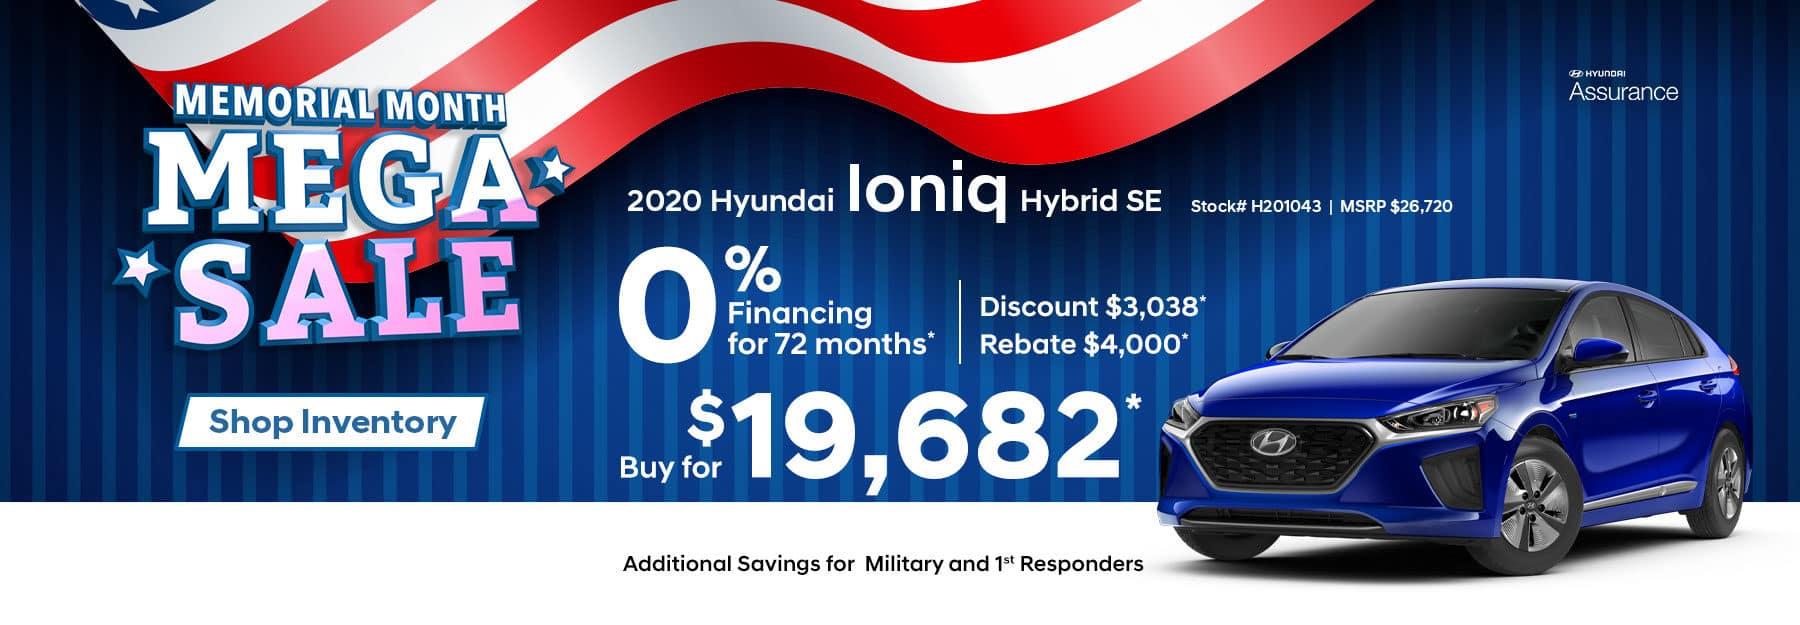 2020 Ioniq – Memorial Month Mega Sale